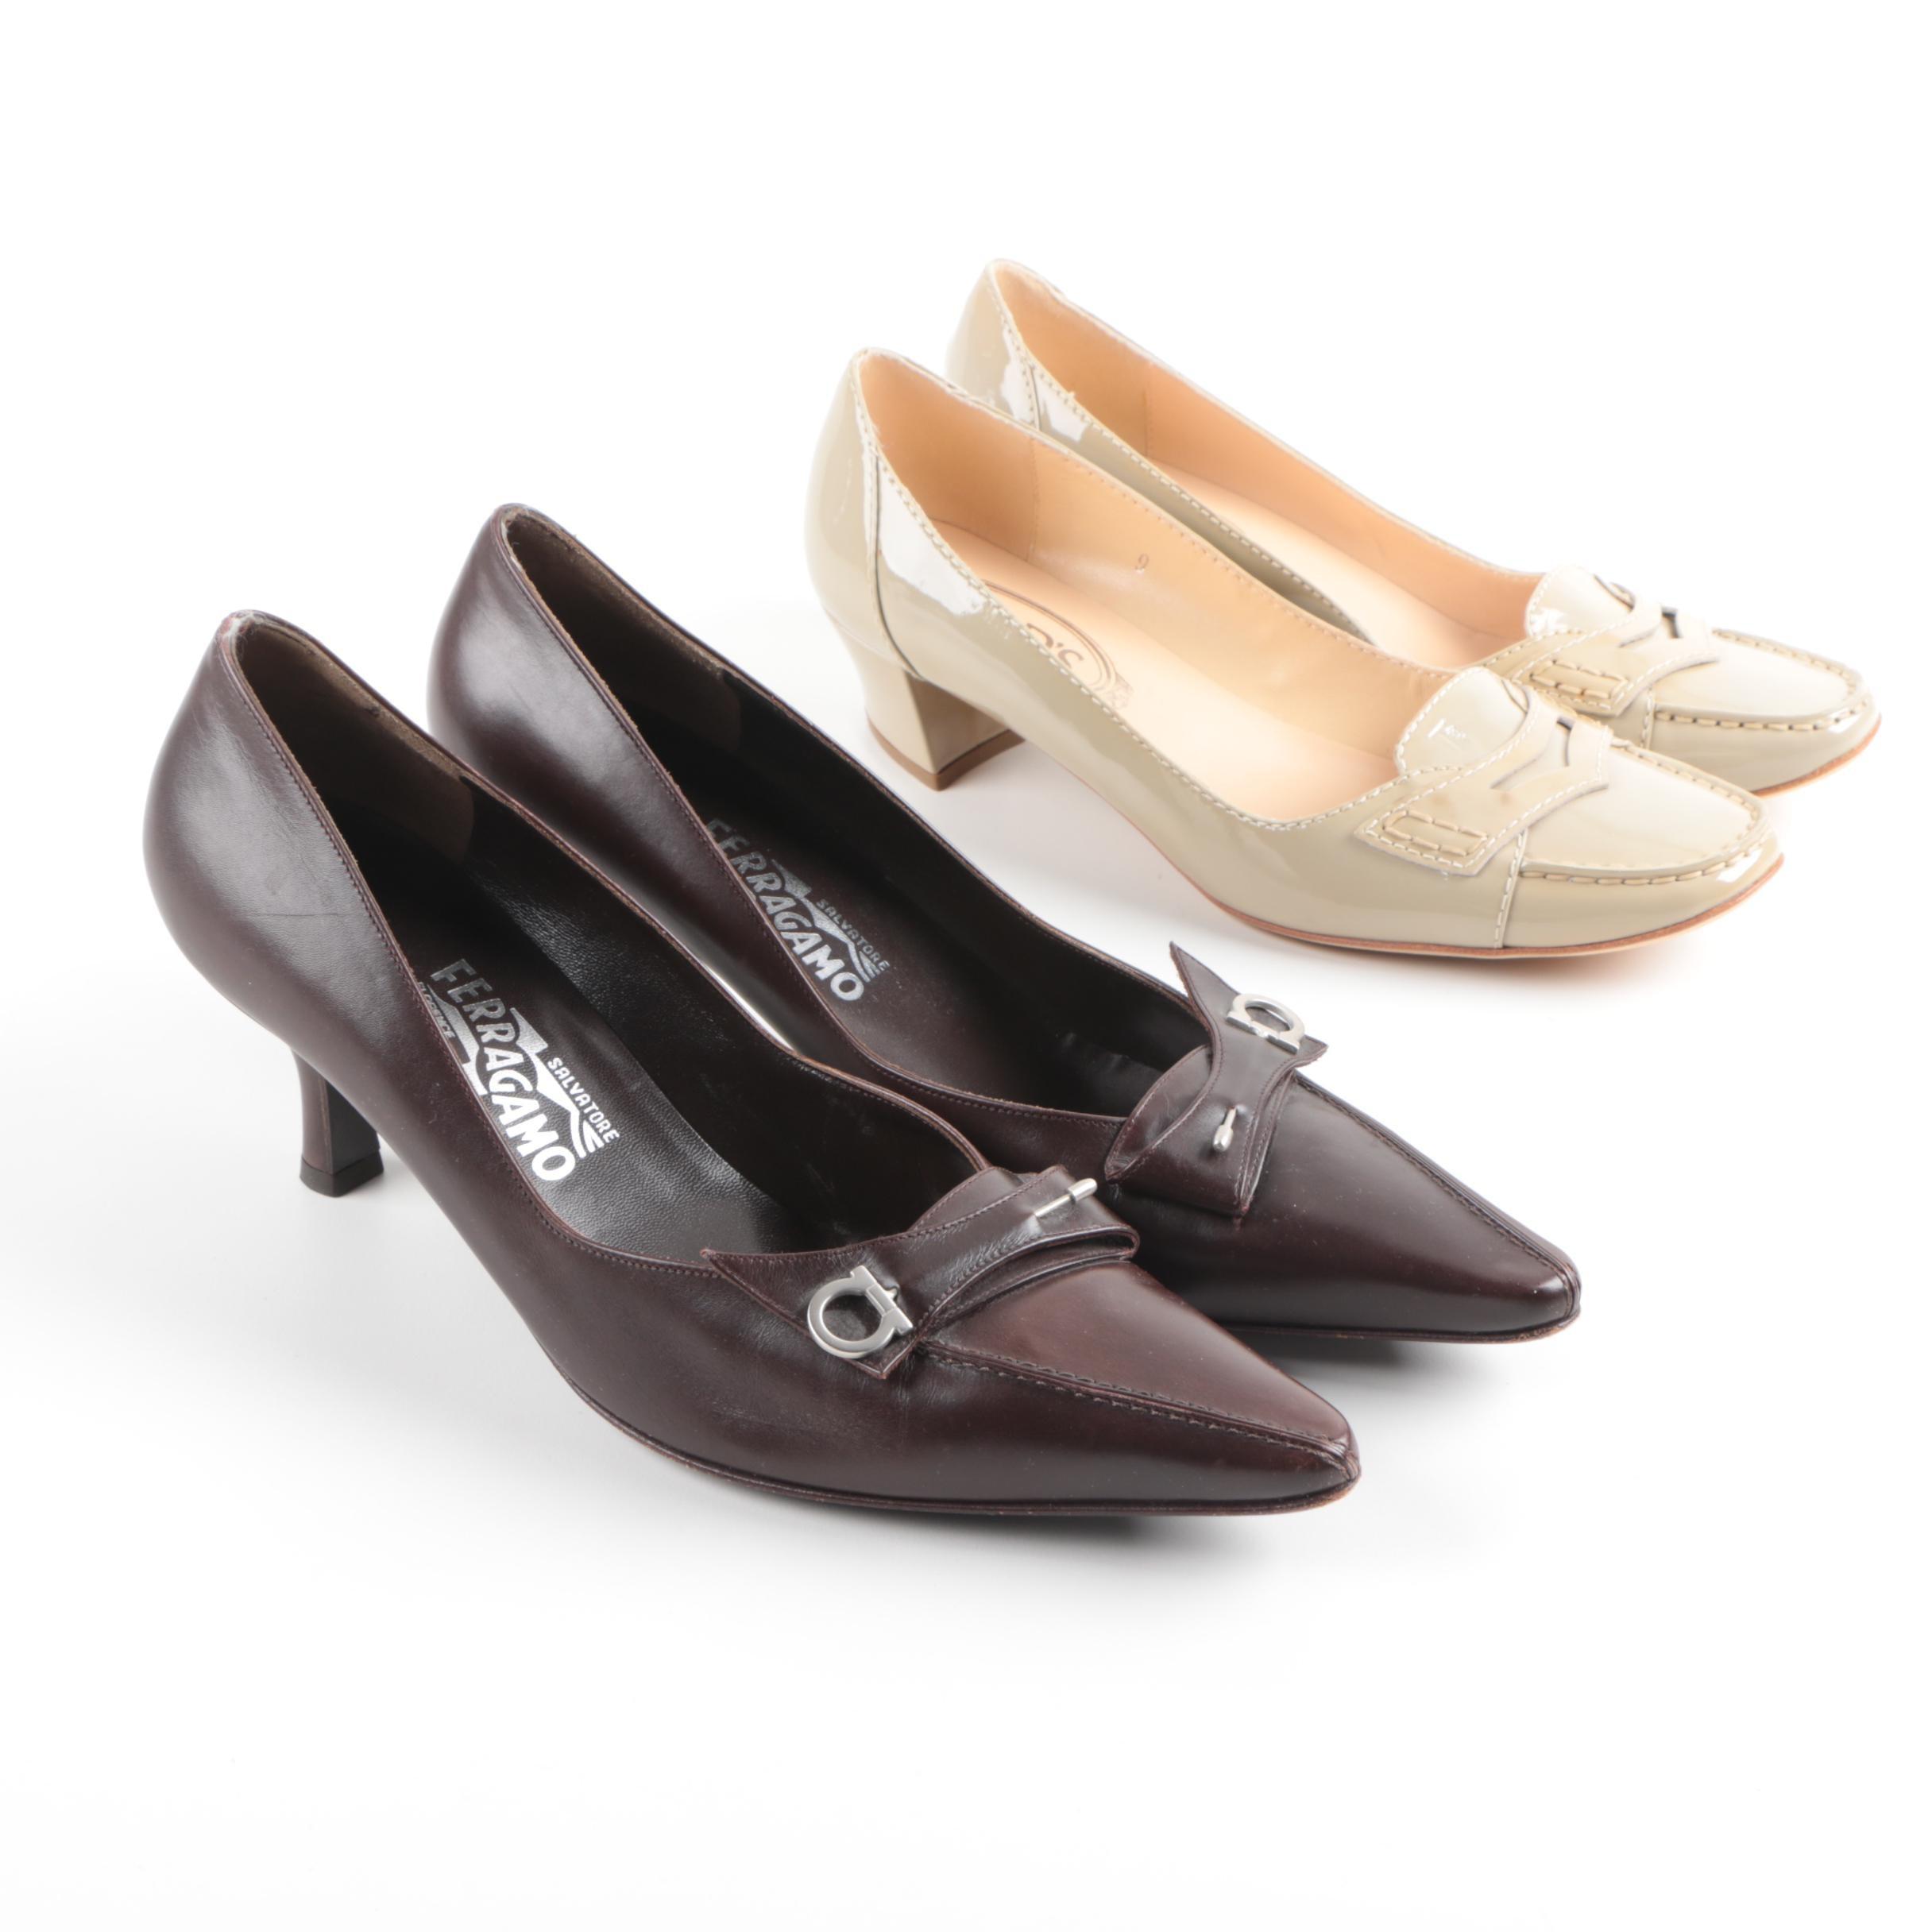 Women's TOD'S and Salvatore Ferragamo Heels